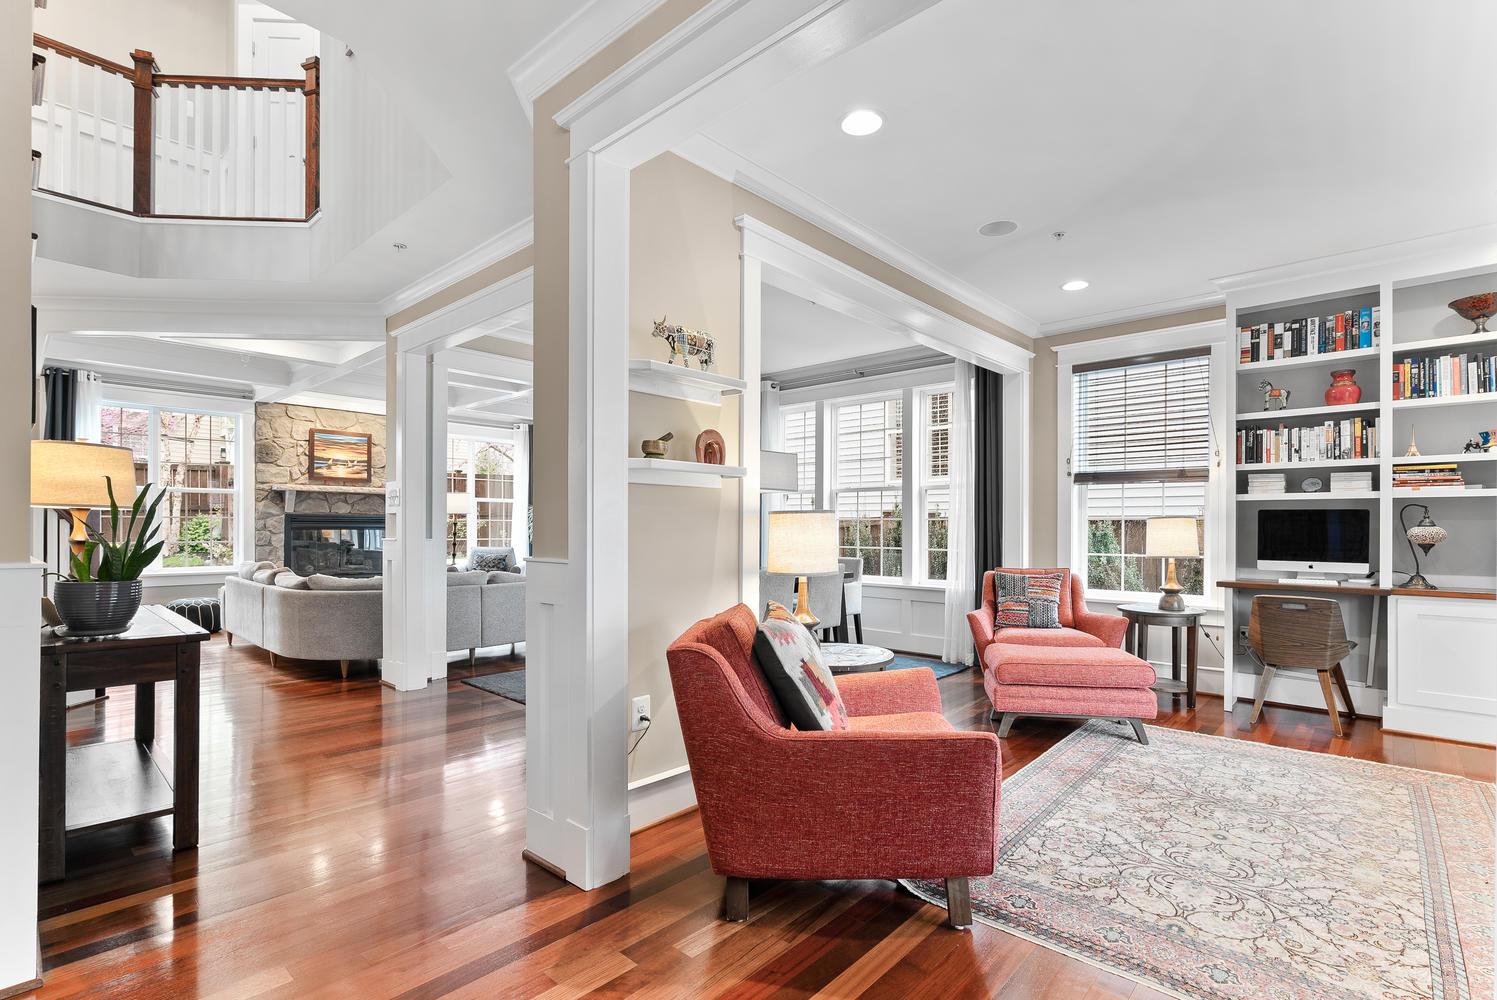 2107 Ellis St-large-012-006-Interior-1497×1000-72dpi